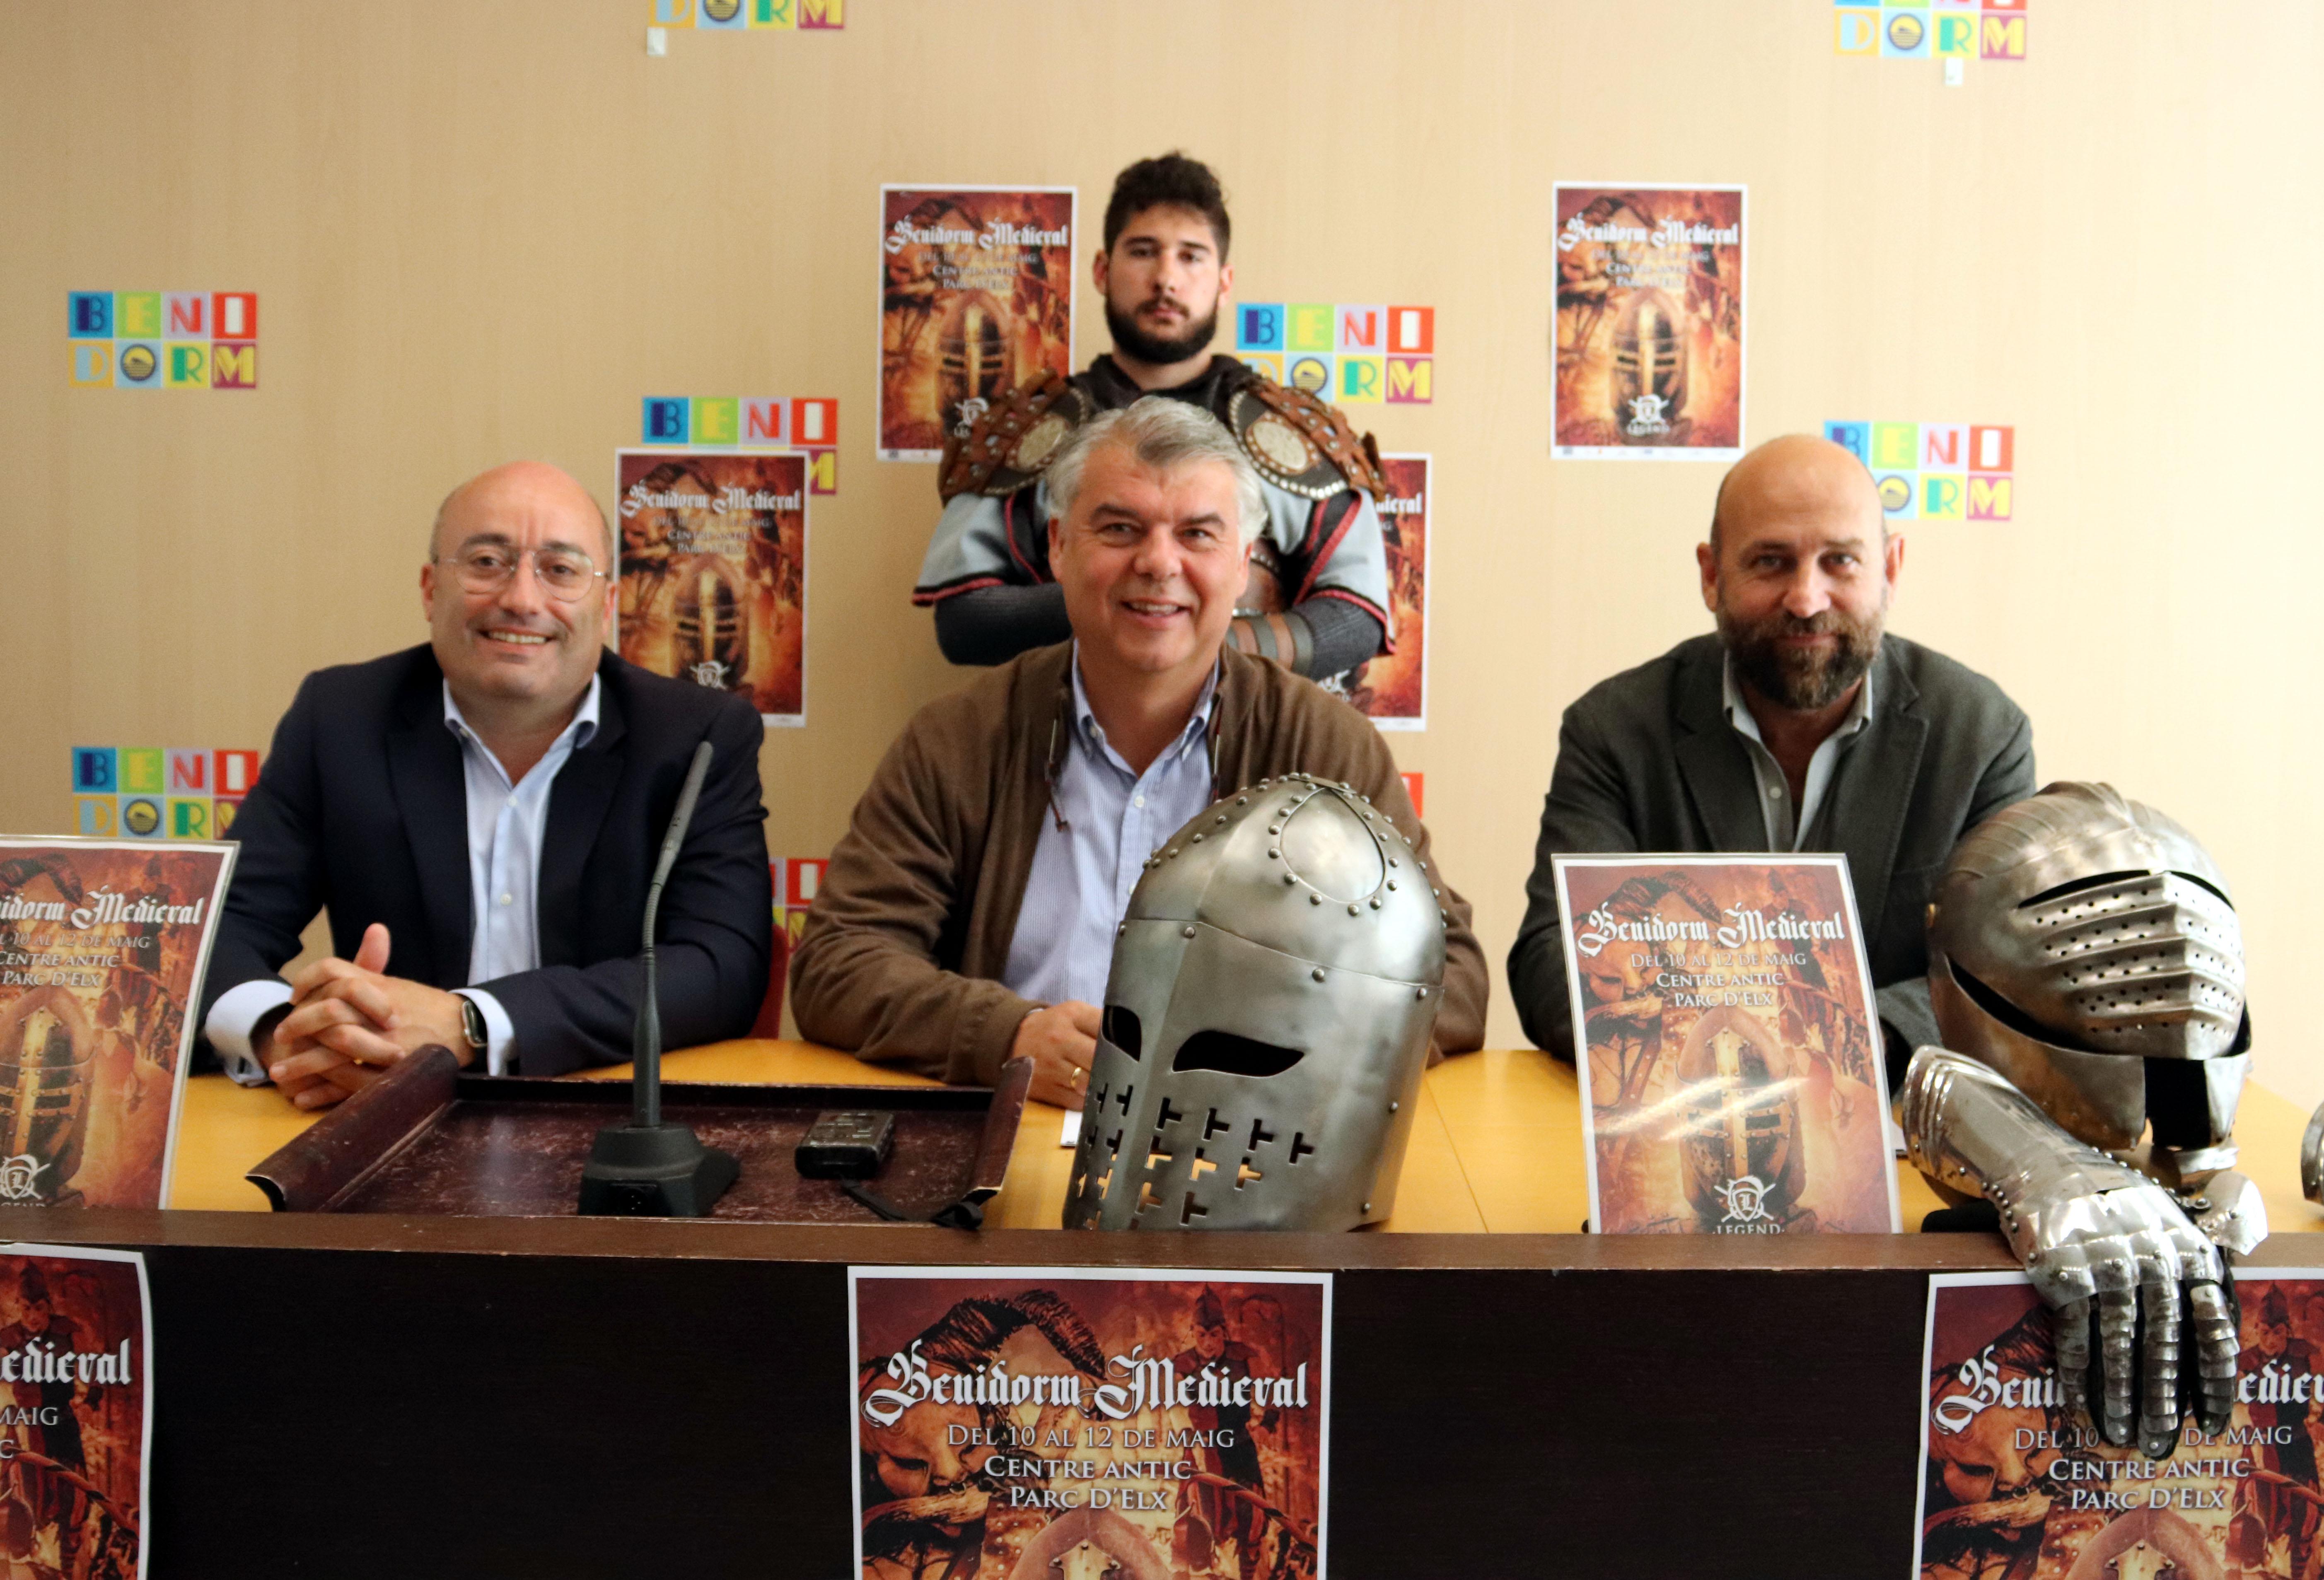 FIESTAS.- Benidorm vuelve a la Edad Media el fin de semana con su Mercado Medieval